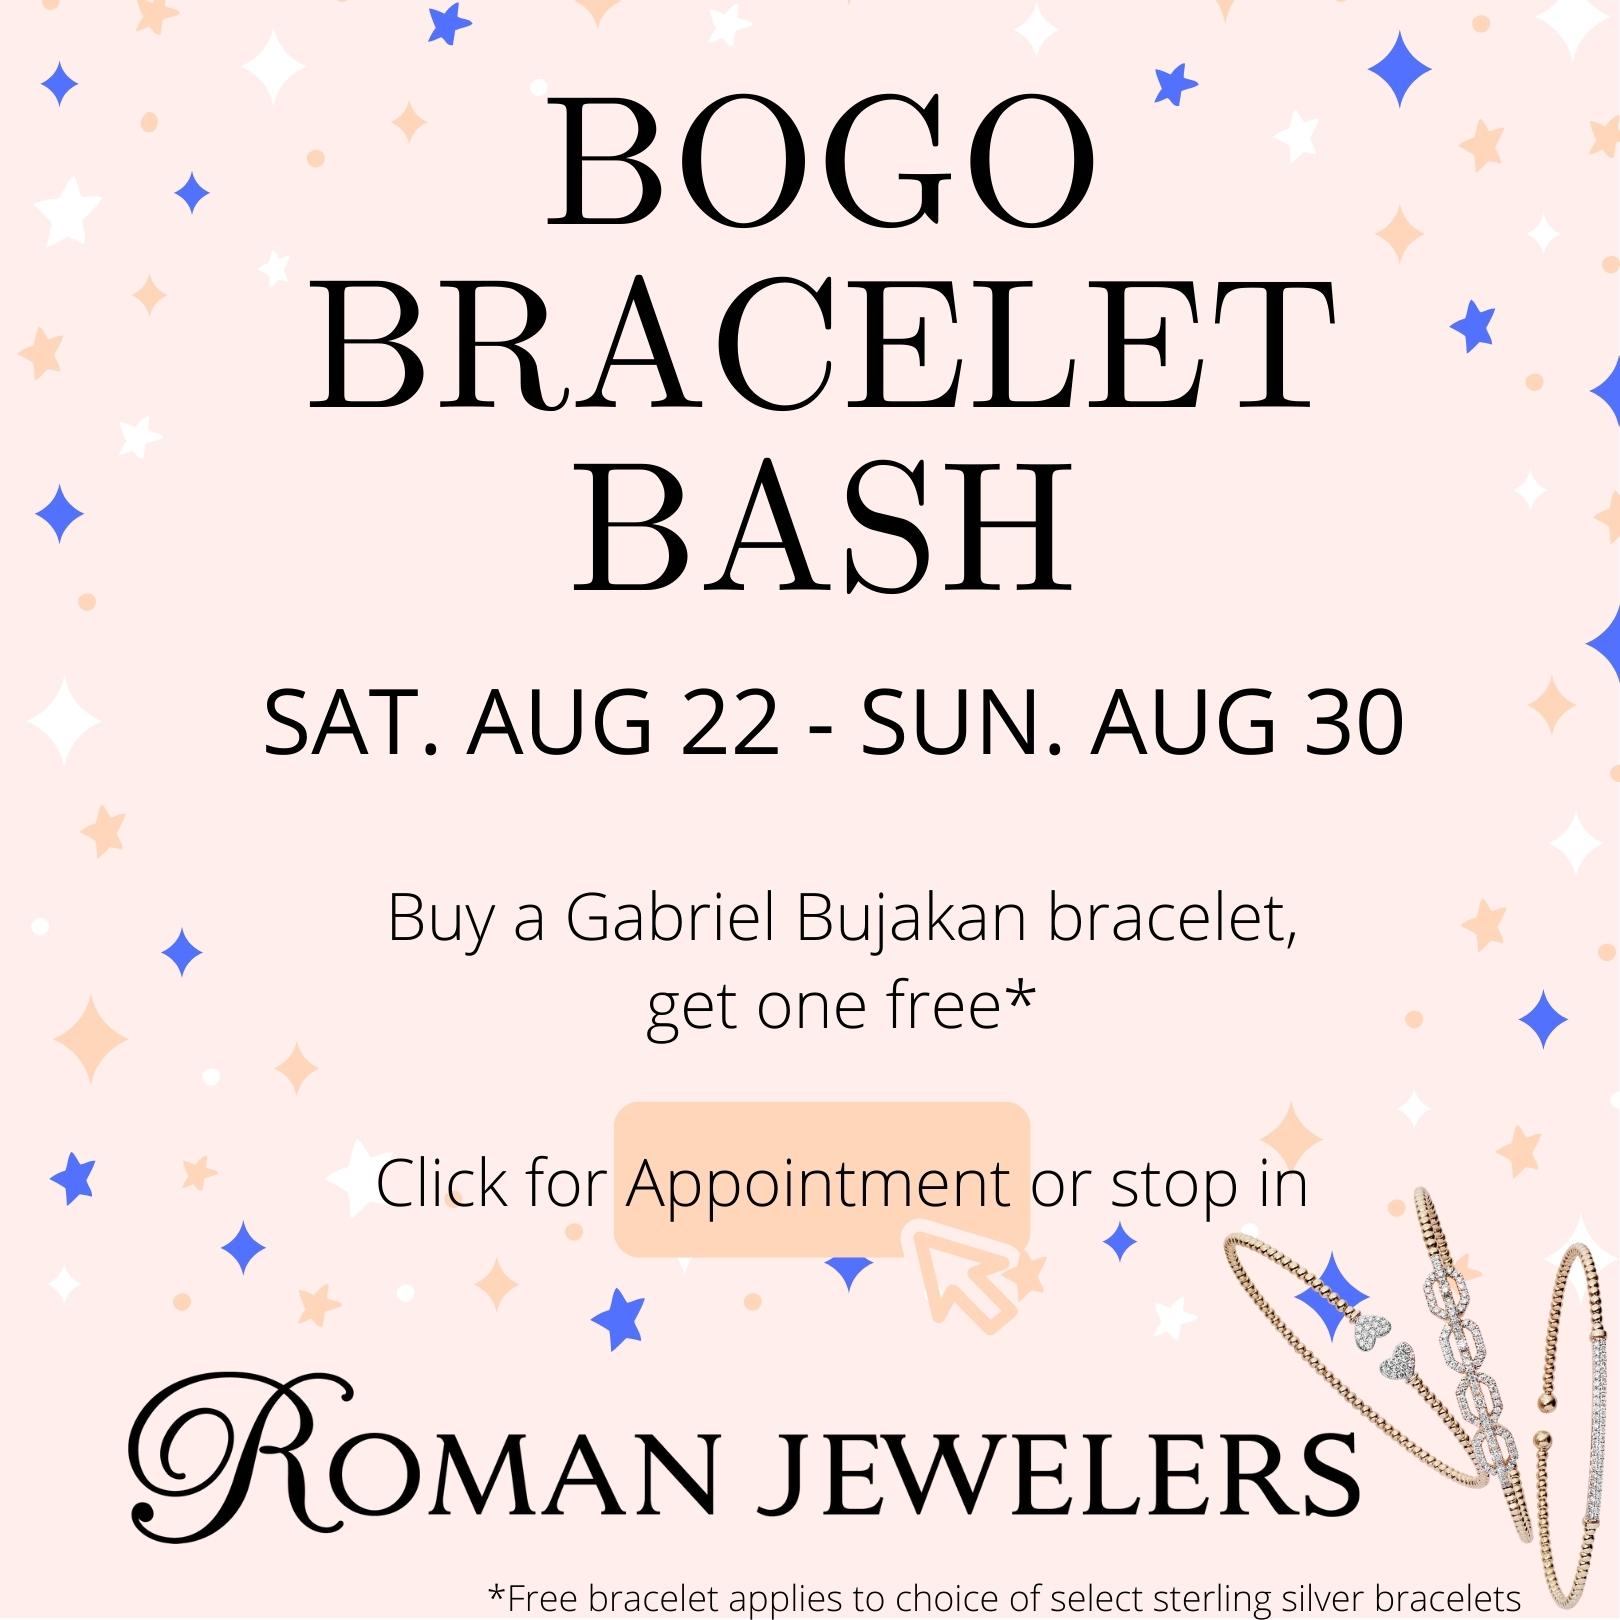 BOGO Bracelet Bash!